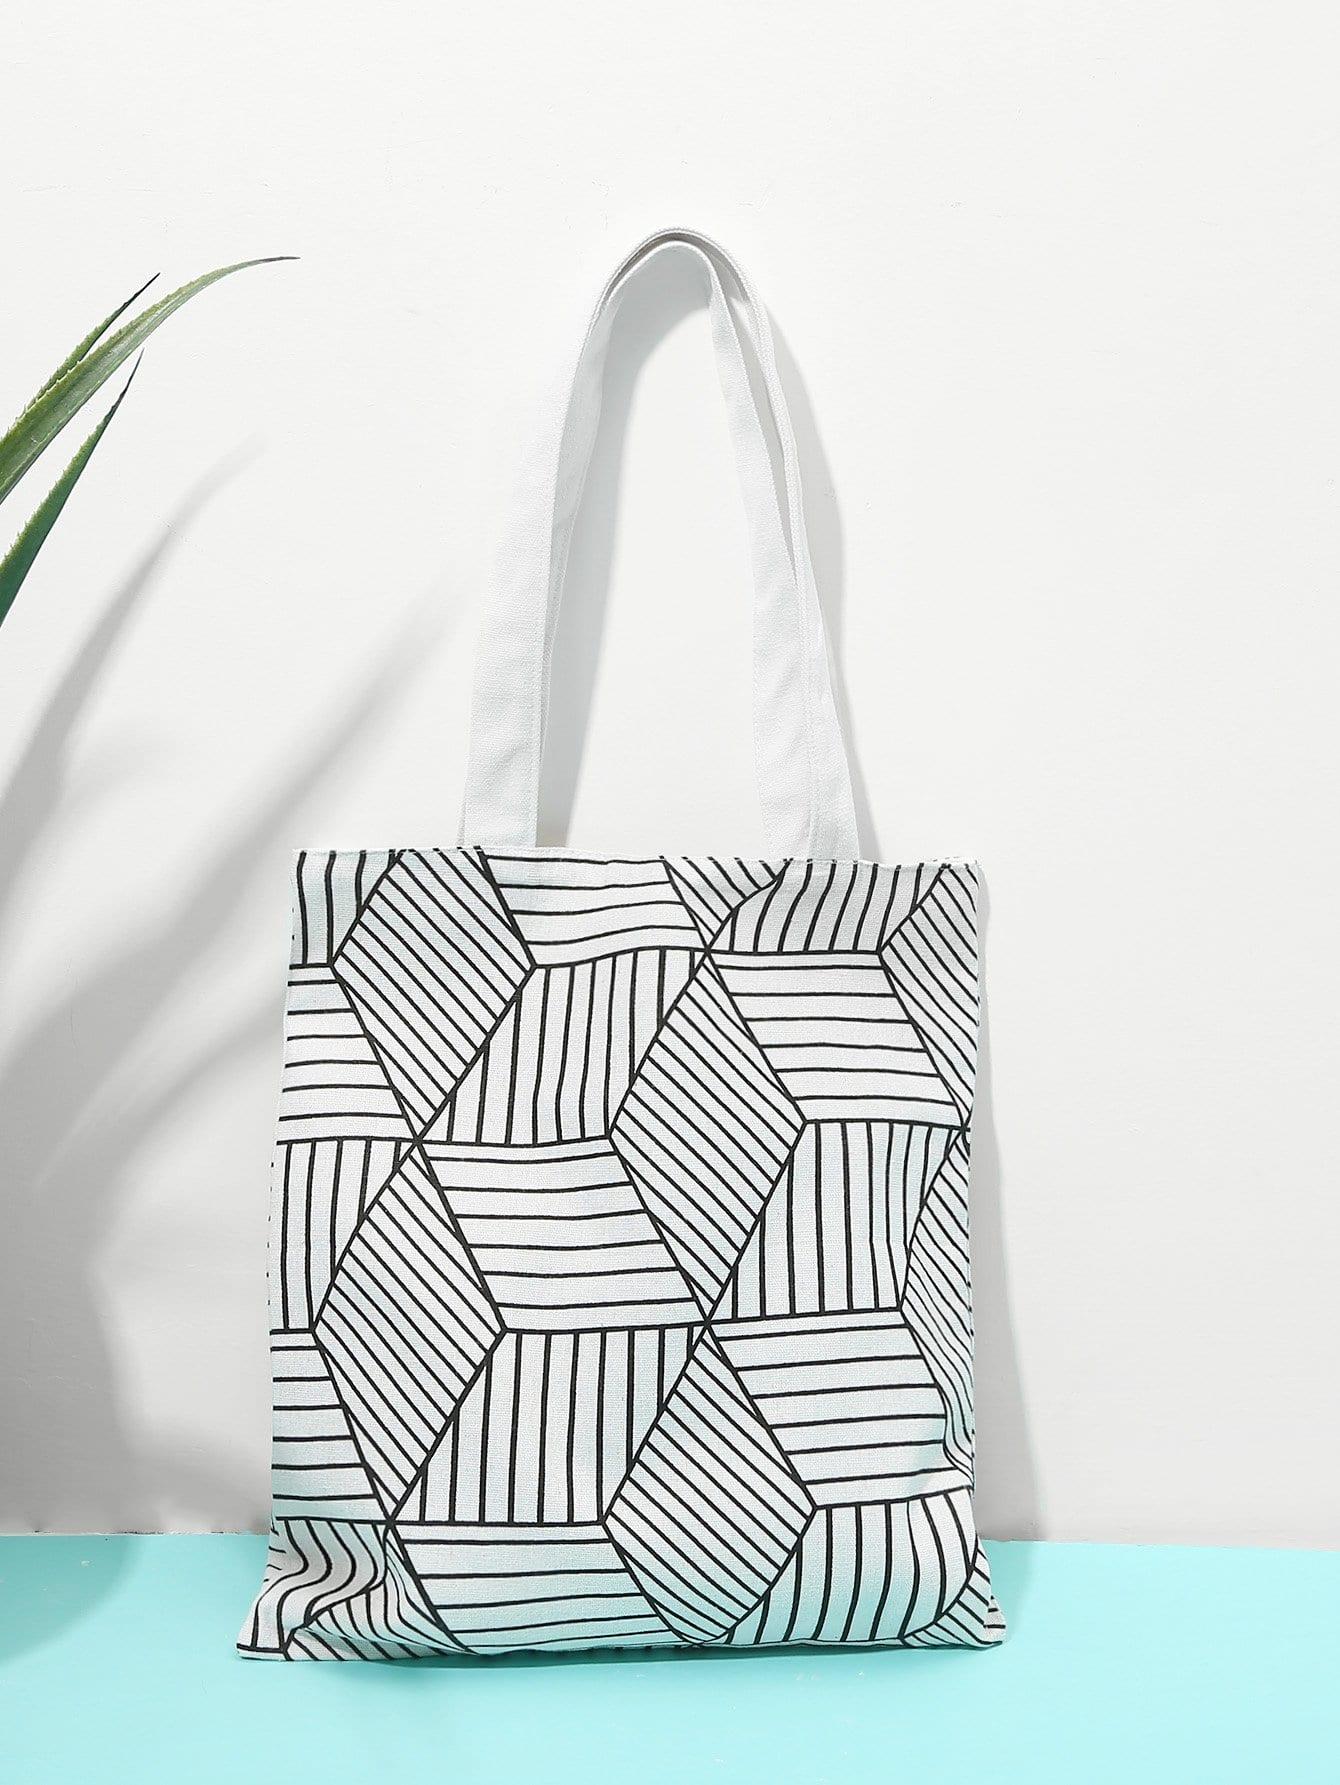 Geometric Print Tote Bag heel print tote bag